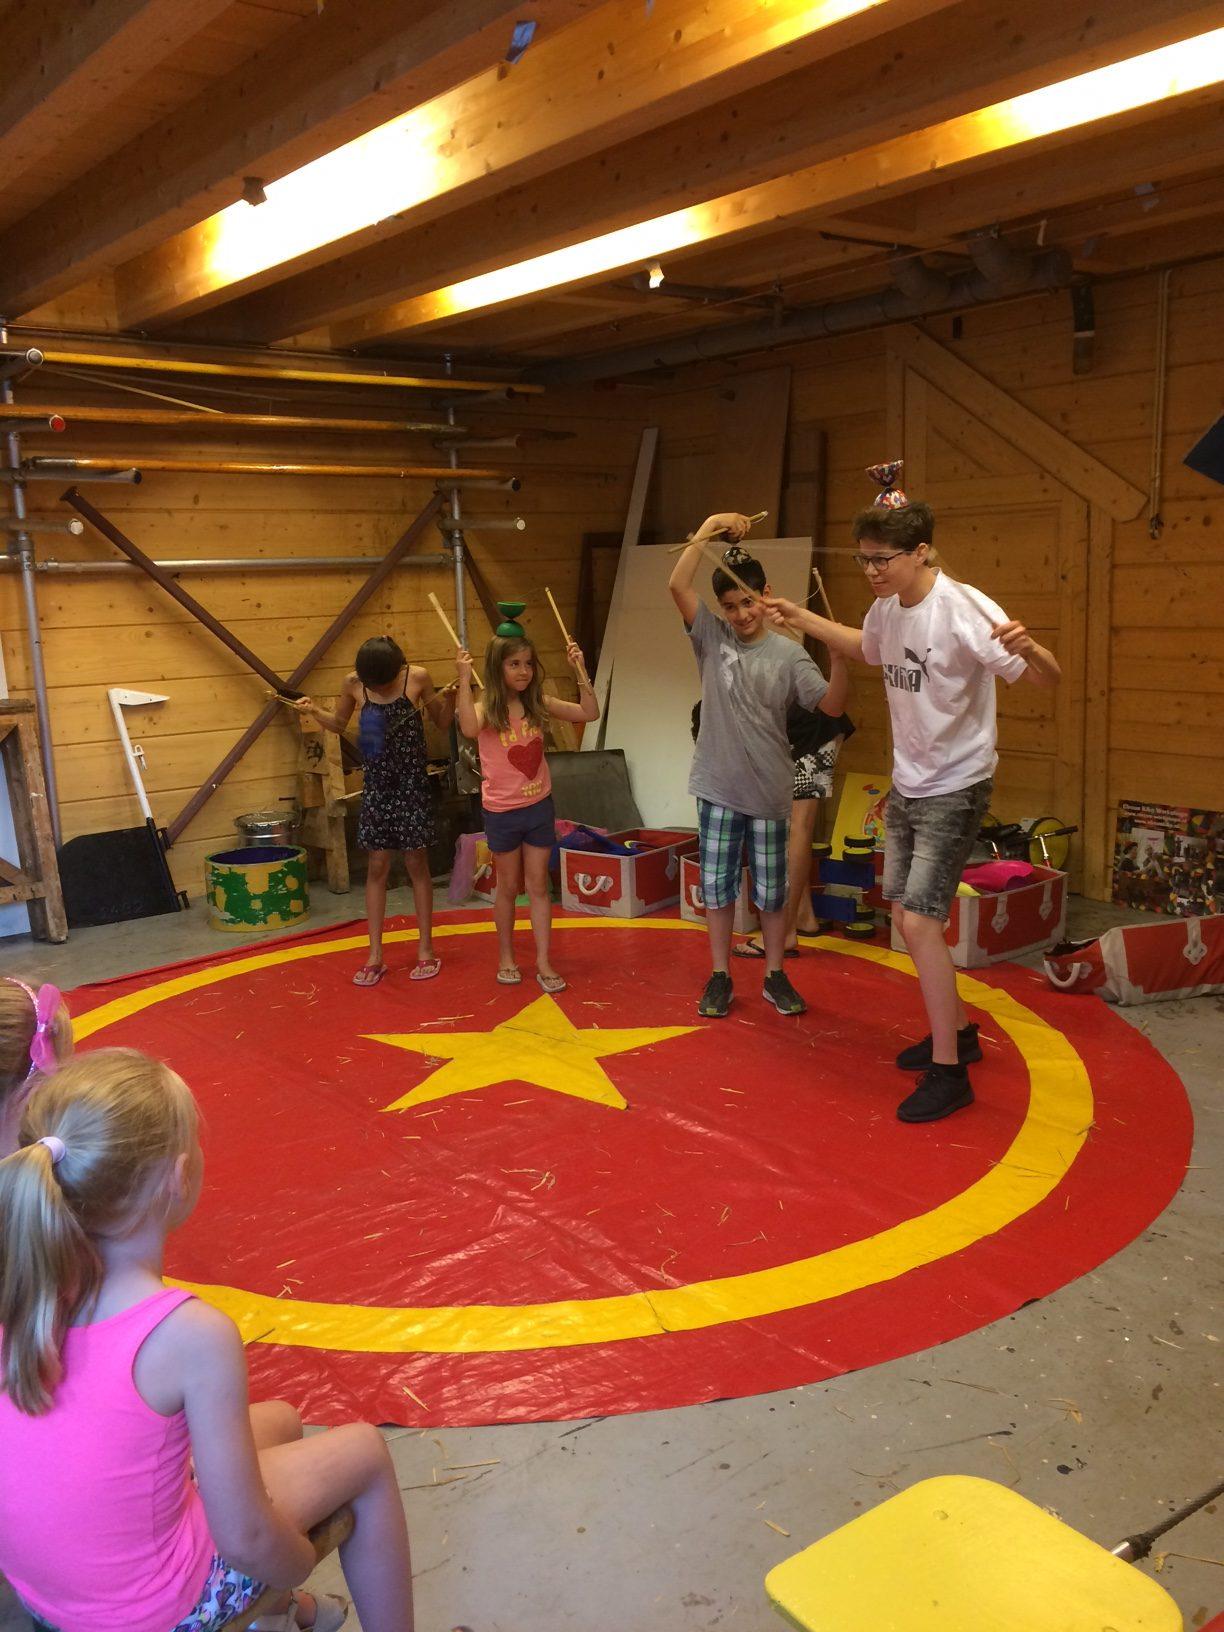 Circus kiko Workshop - eindshow door de kinderen voor hun ouders als hooggeeerd publiek